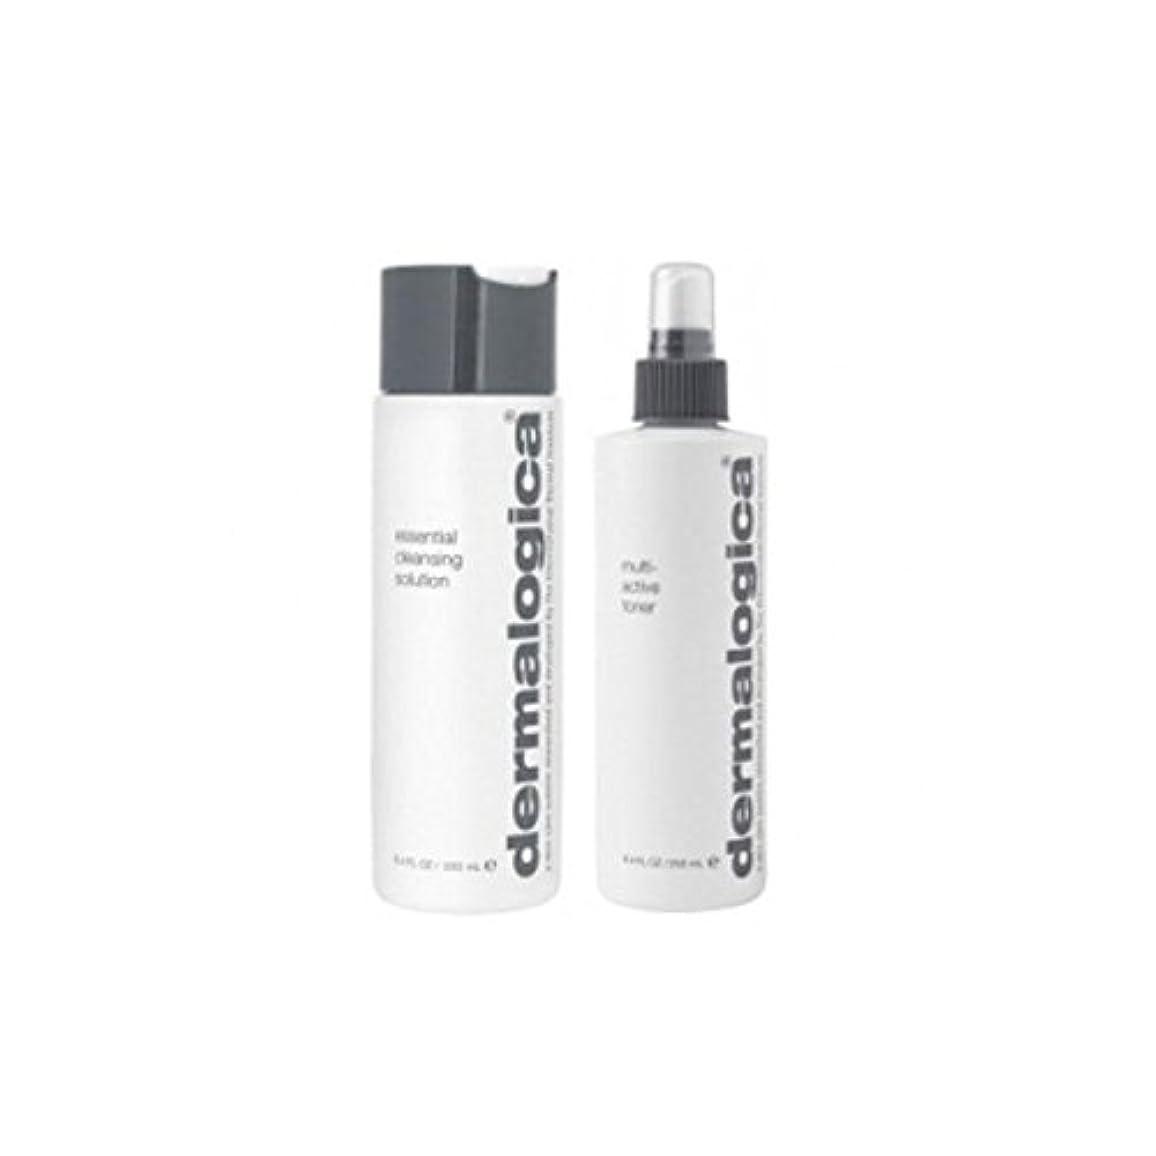 フェミニン対象人種ダーマロジカクレンジング&トーンデュオ - 乾燥肌 x2 - Dermalogica Cleanse & Tone Duo - Dry Skin (Pack of 2) [並行輸入品]